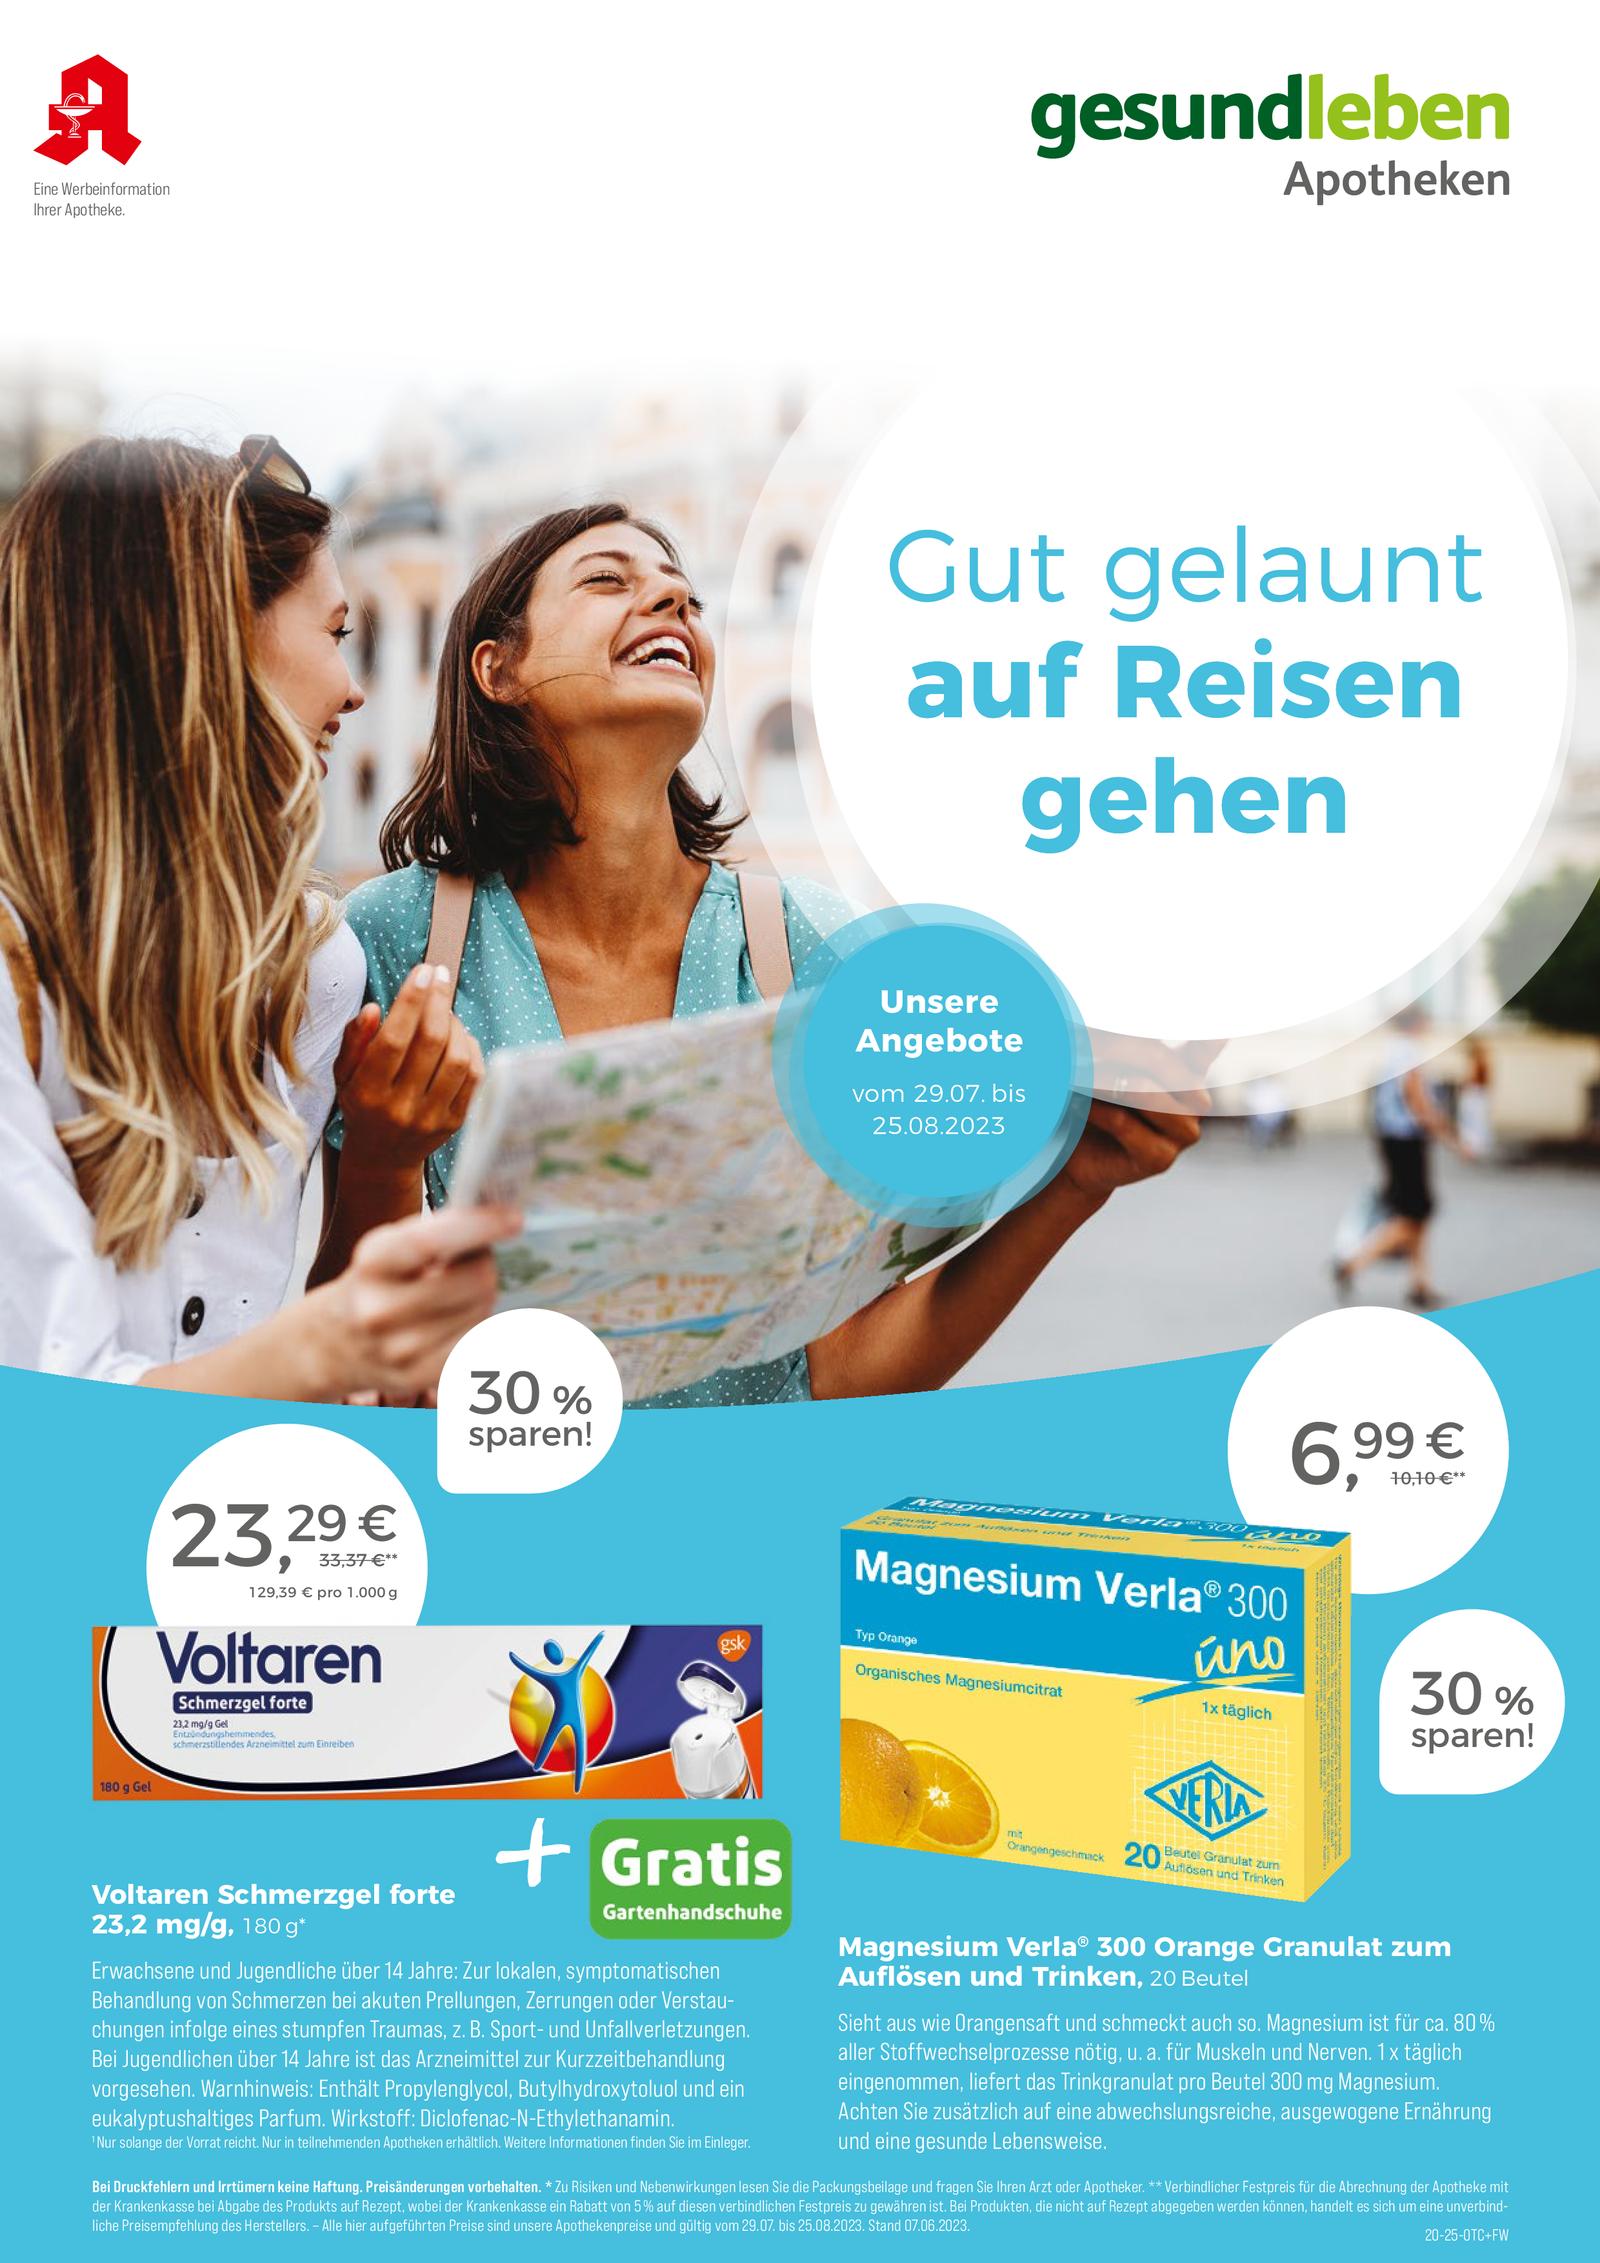 https://mein-uploads.apocdn.net/1962/leaflets/gesundleben_mittel-Seite1.png